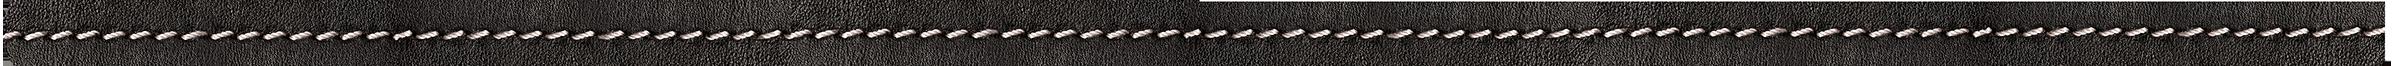 SP Stefan Perin - Stiche auf Leder